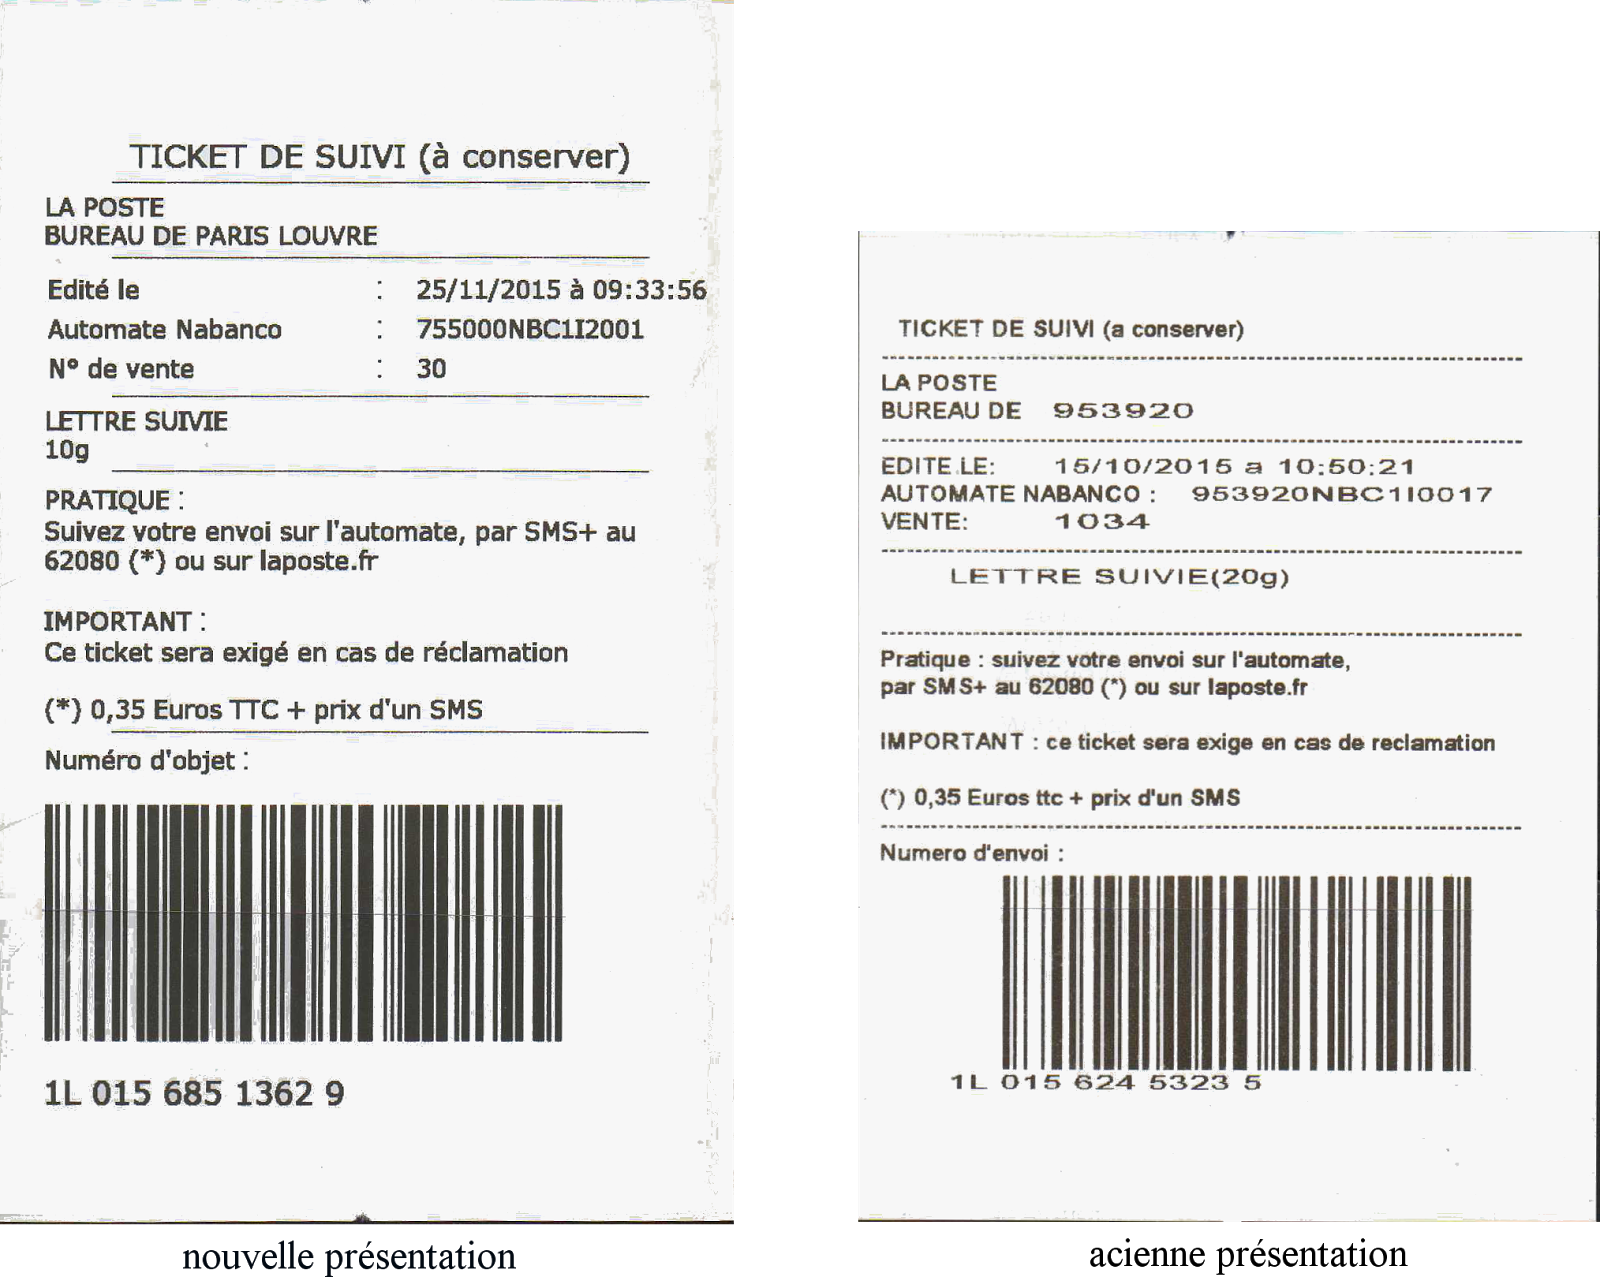 Suivi courrier international for Suivi courrier demenagement la poste